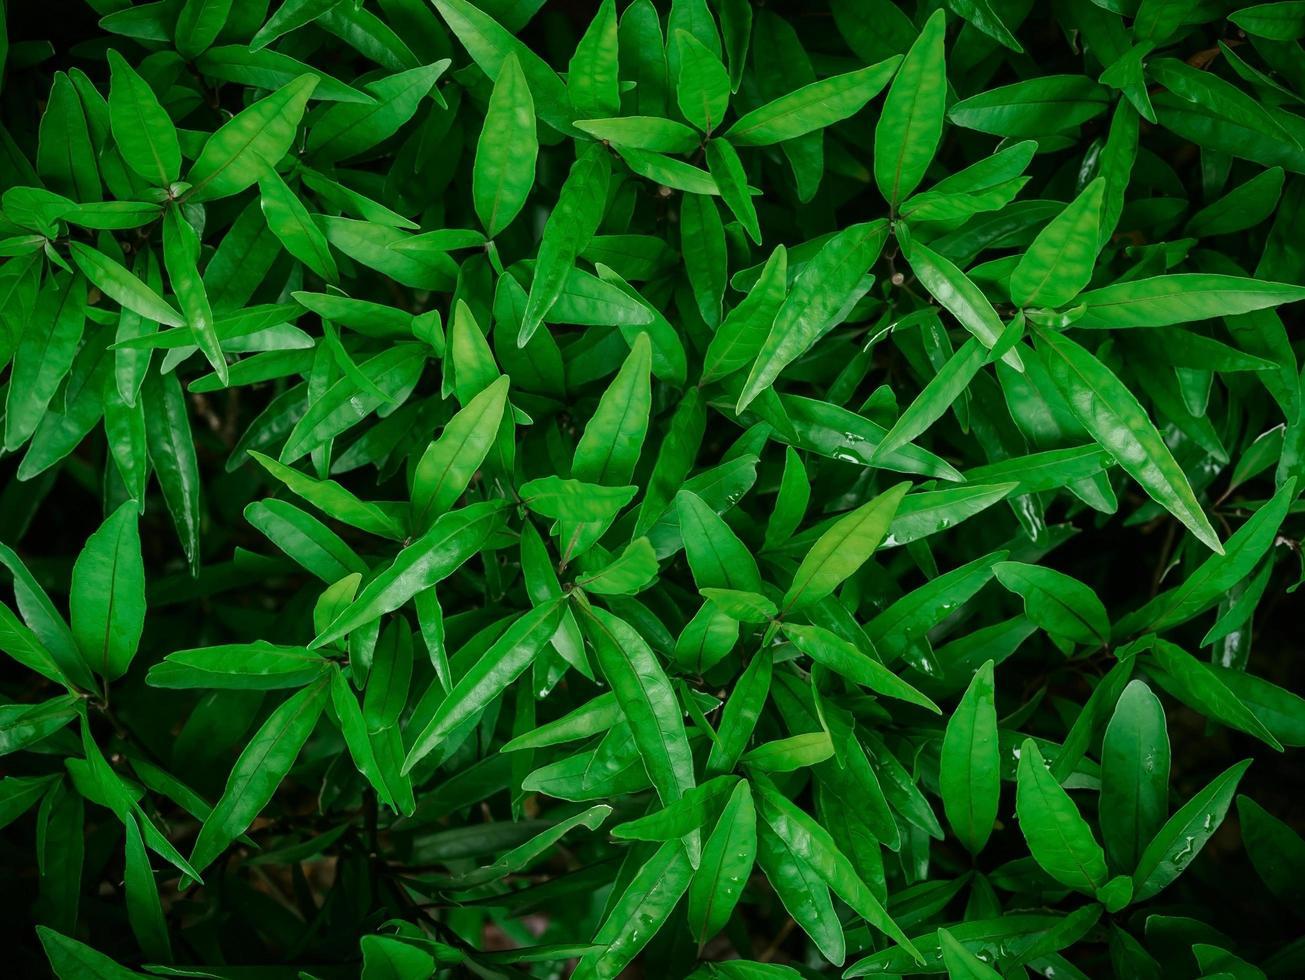 lave verdi della pianta, concetti di trama di sfondo astratto. foto